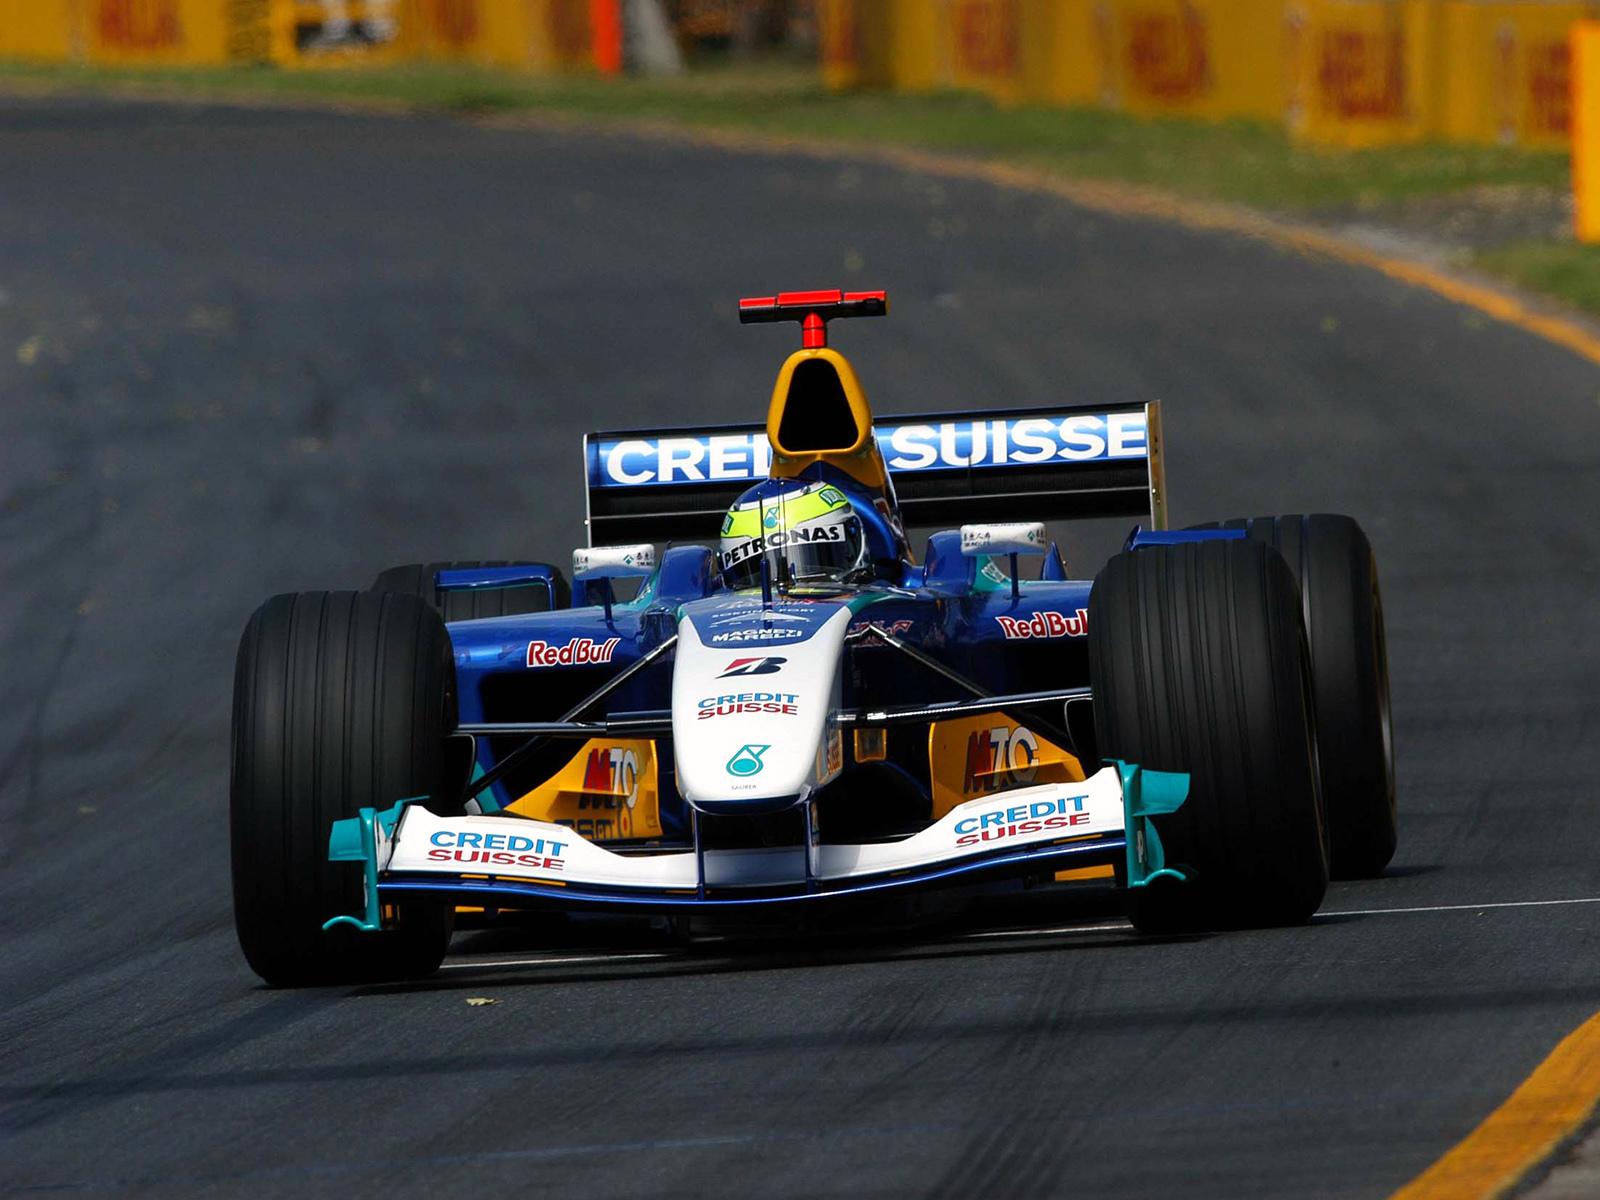 Sauber GP Australia 2004 Giancarlo Fisichella